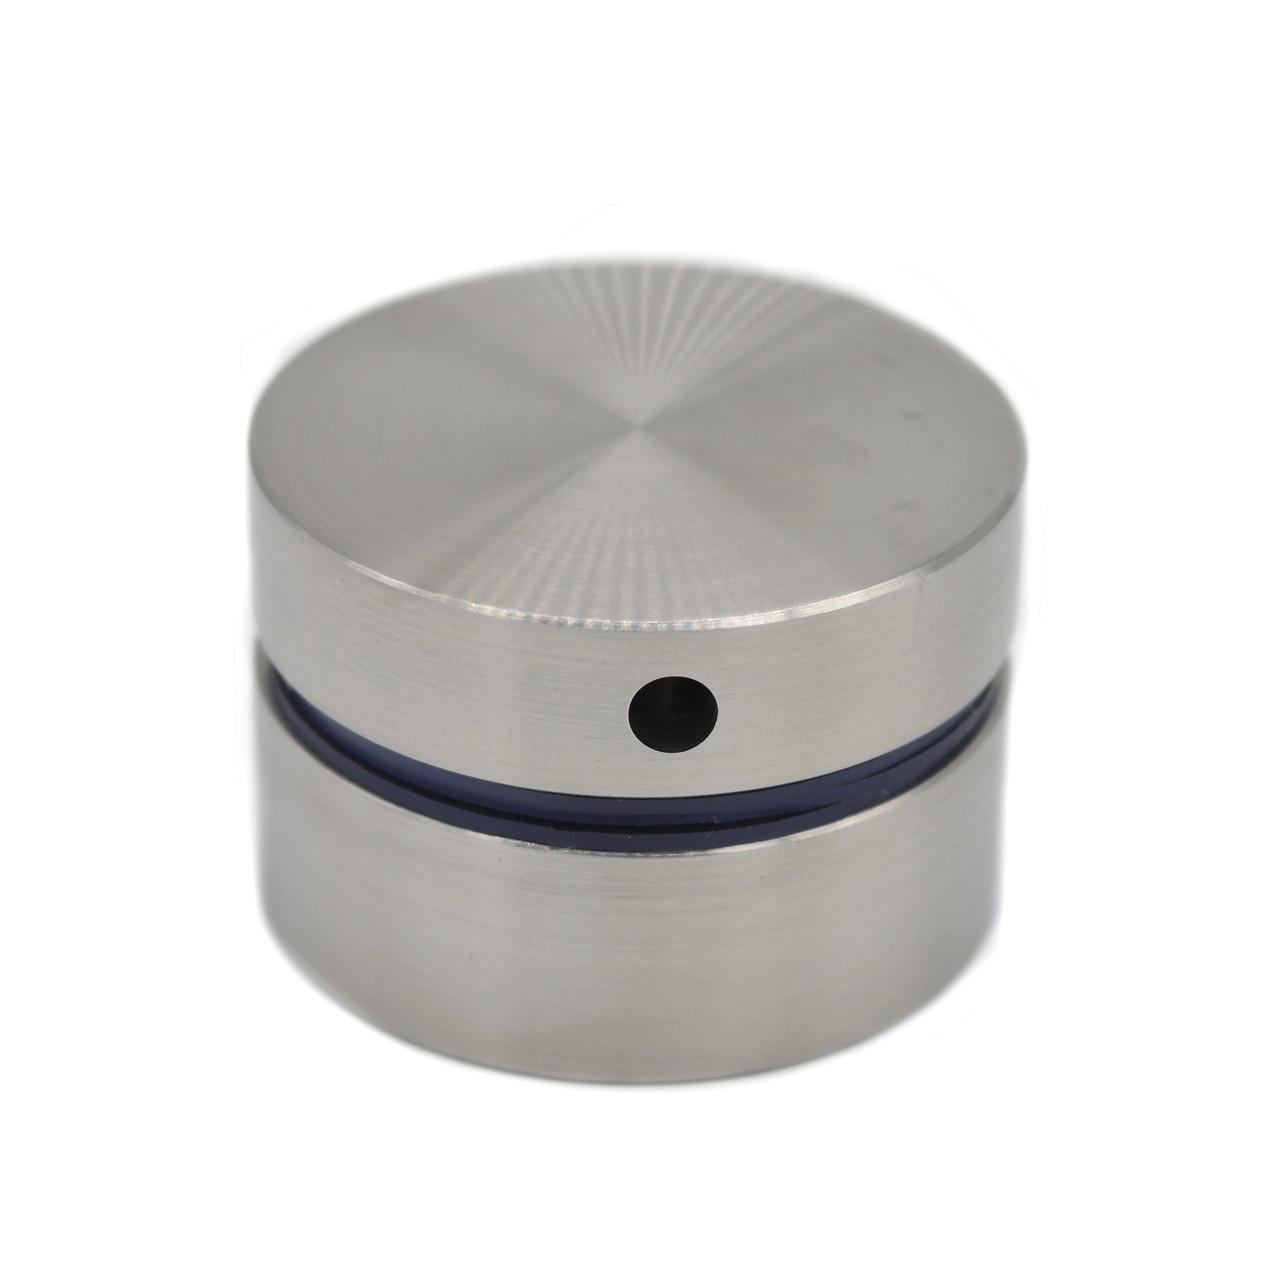 ODF-06-18-01-L15 Коннектор круглый d40 с дистанцией 15 мм с боковым отверстием М8